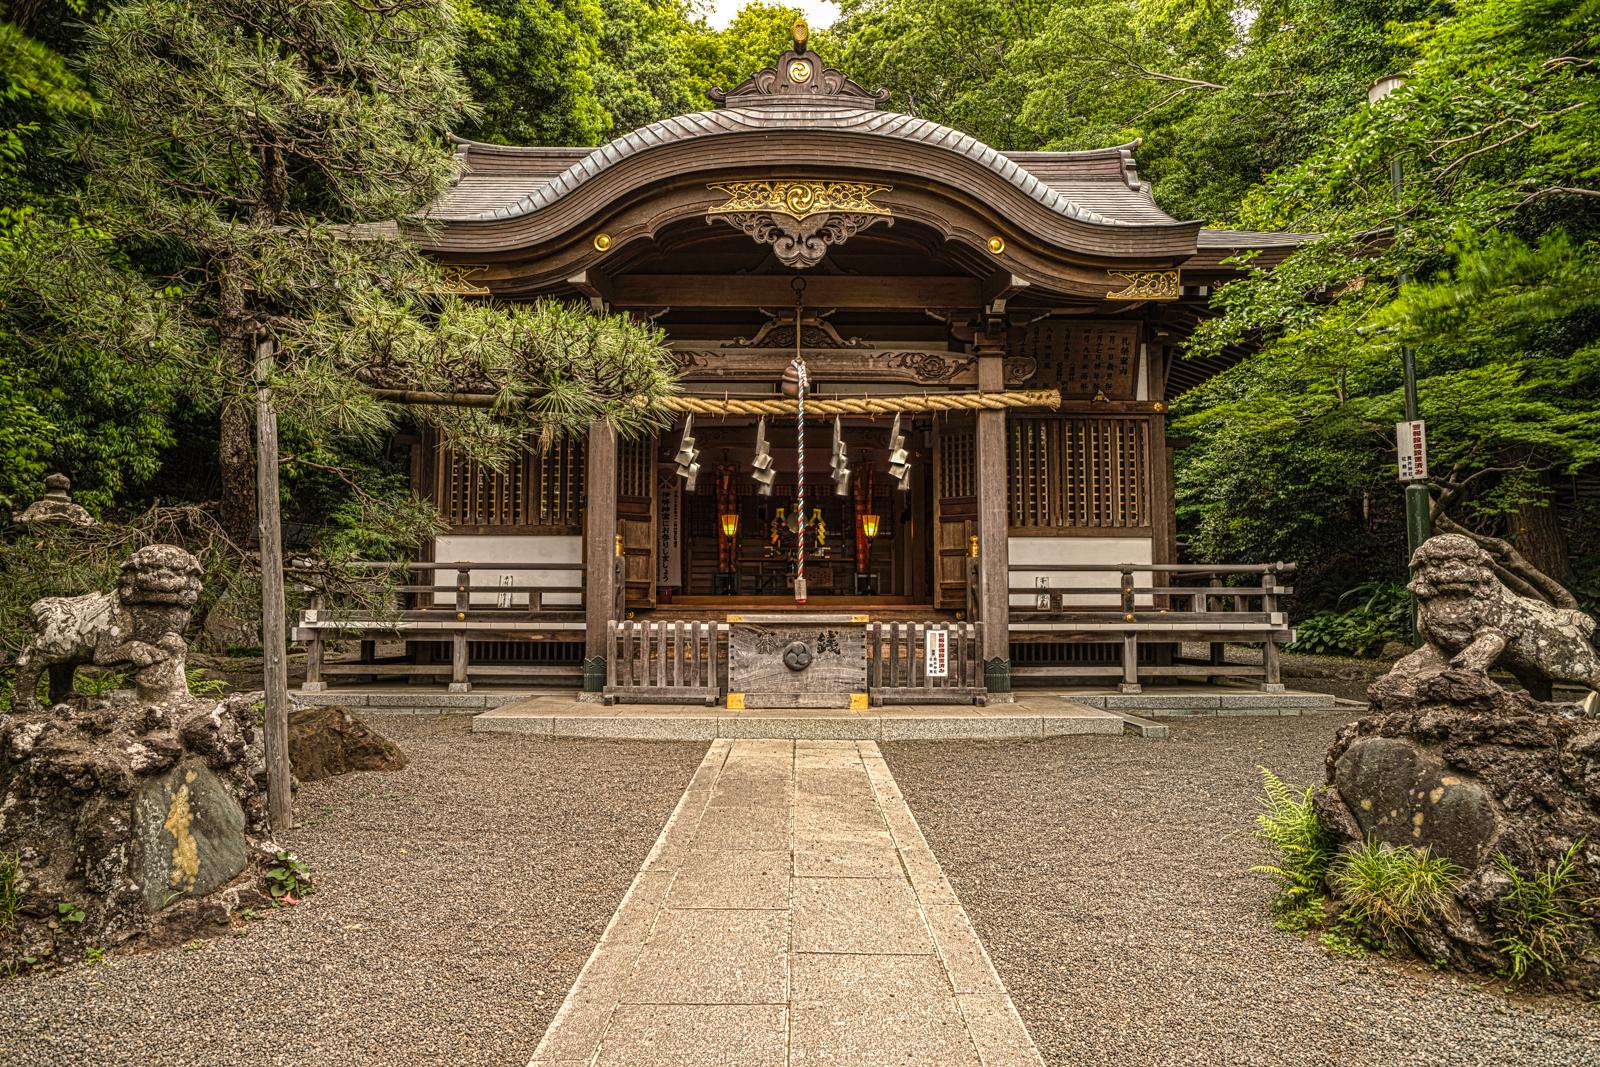 貫井神社、狛犬と桧造りの本殿の写真